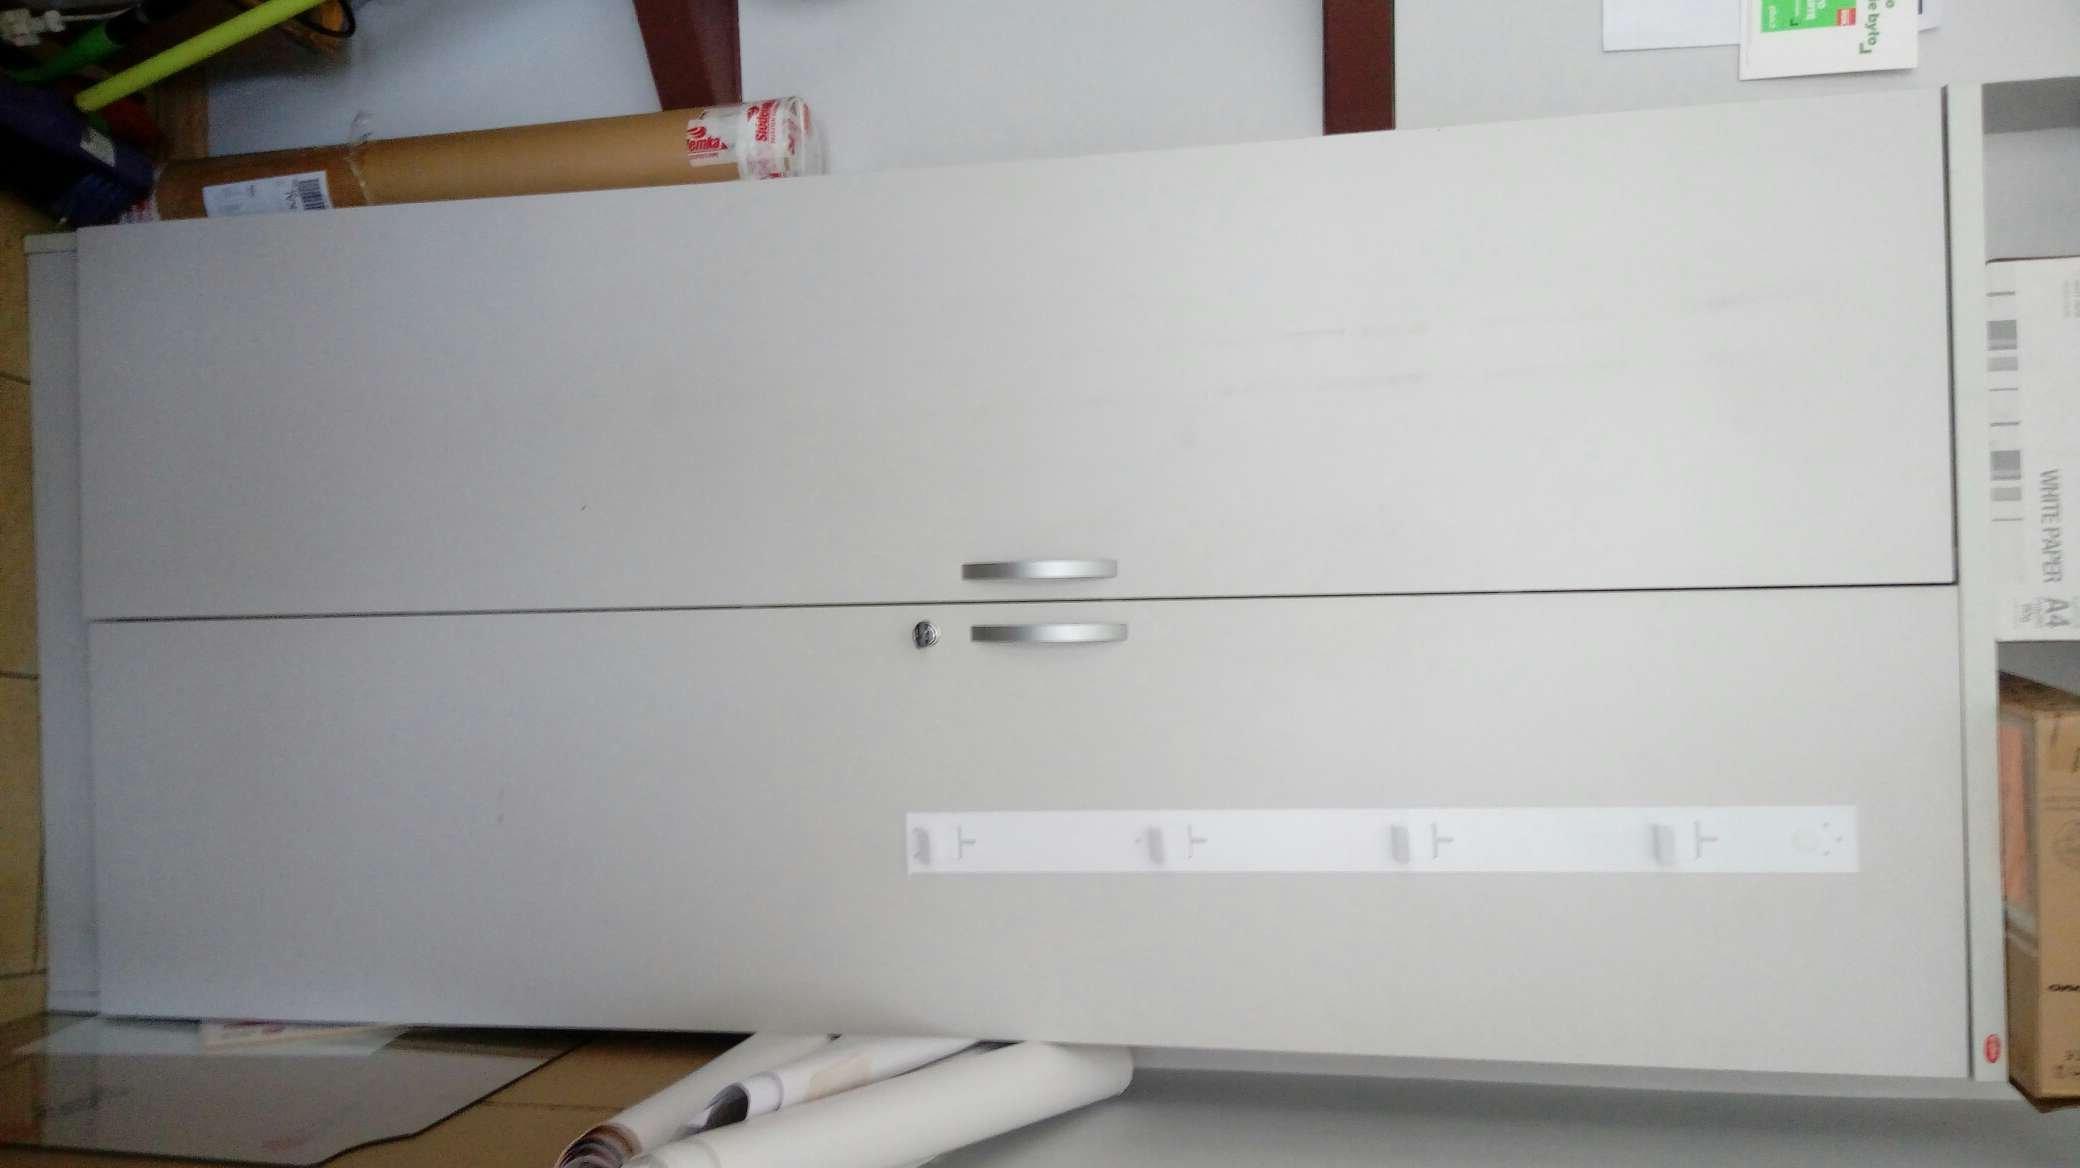 Meble Biurowe Białe 7380291283 Oficjalne Archiwum Allegro